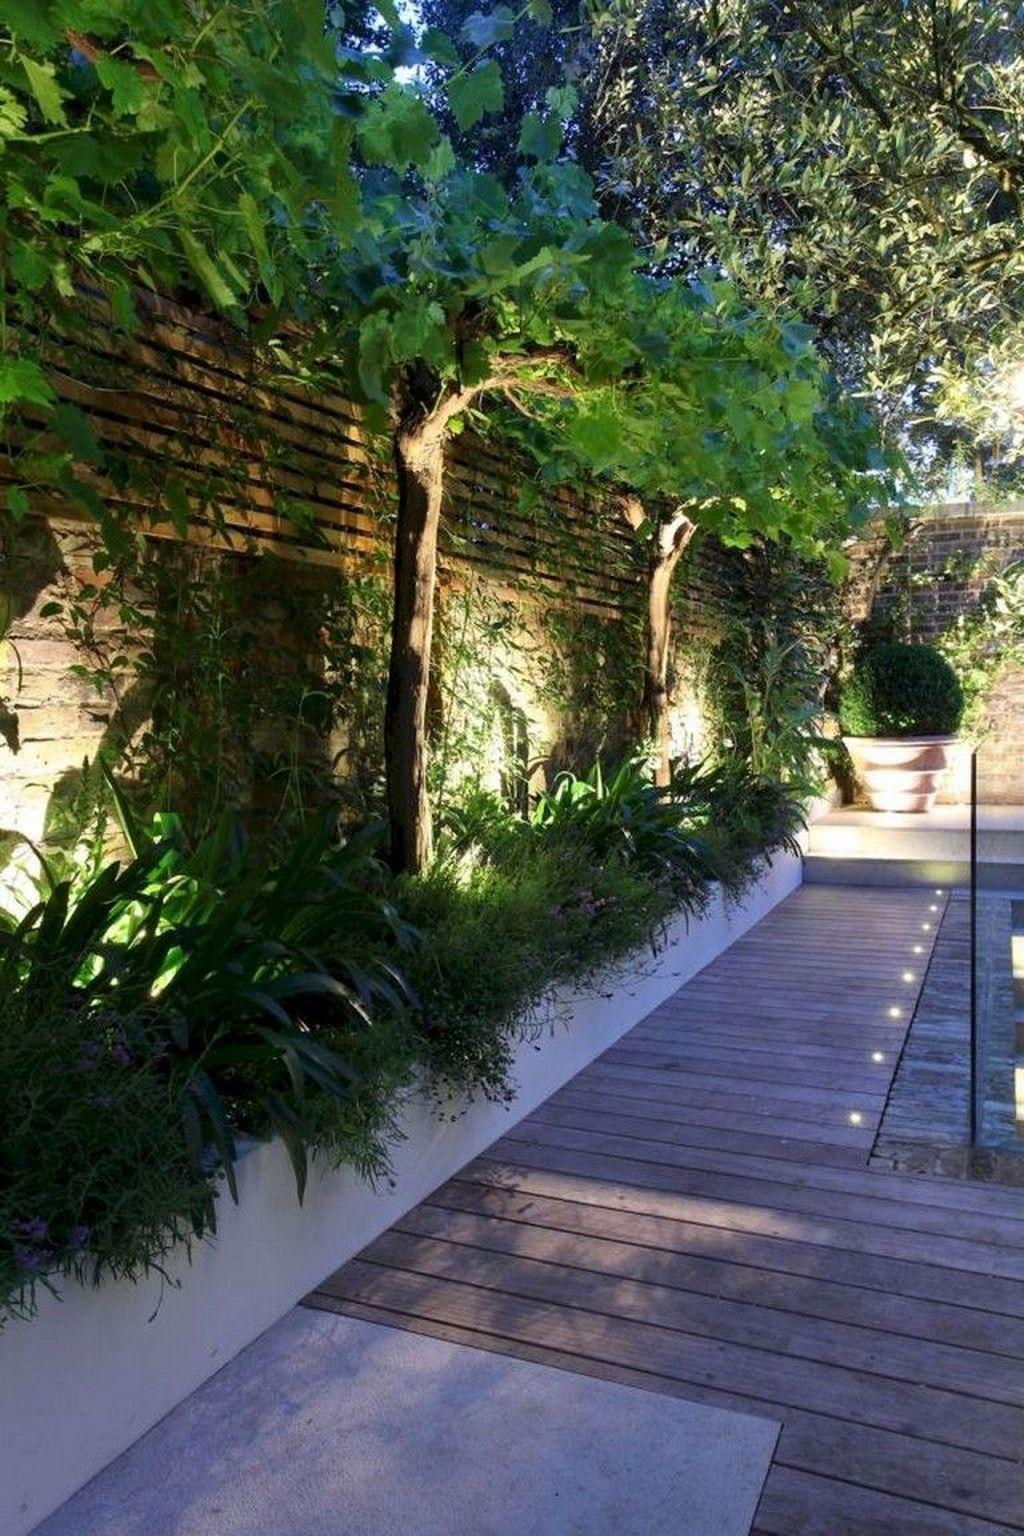 30 Marvelous Garden Lighting Design Ideas In 2020 Garden Lighting Design Modern Garden Lighting Garden Paths